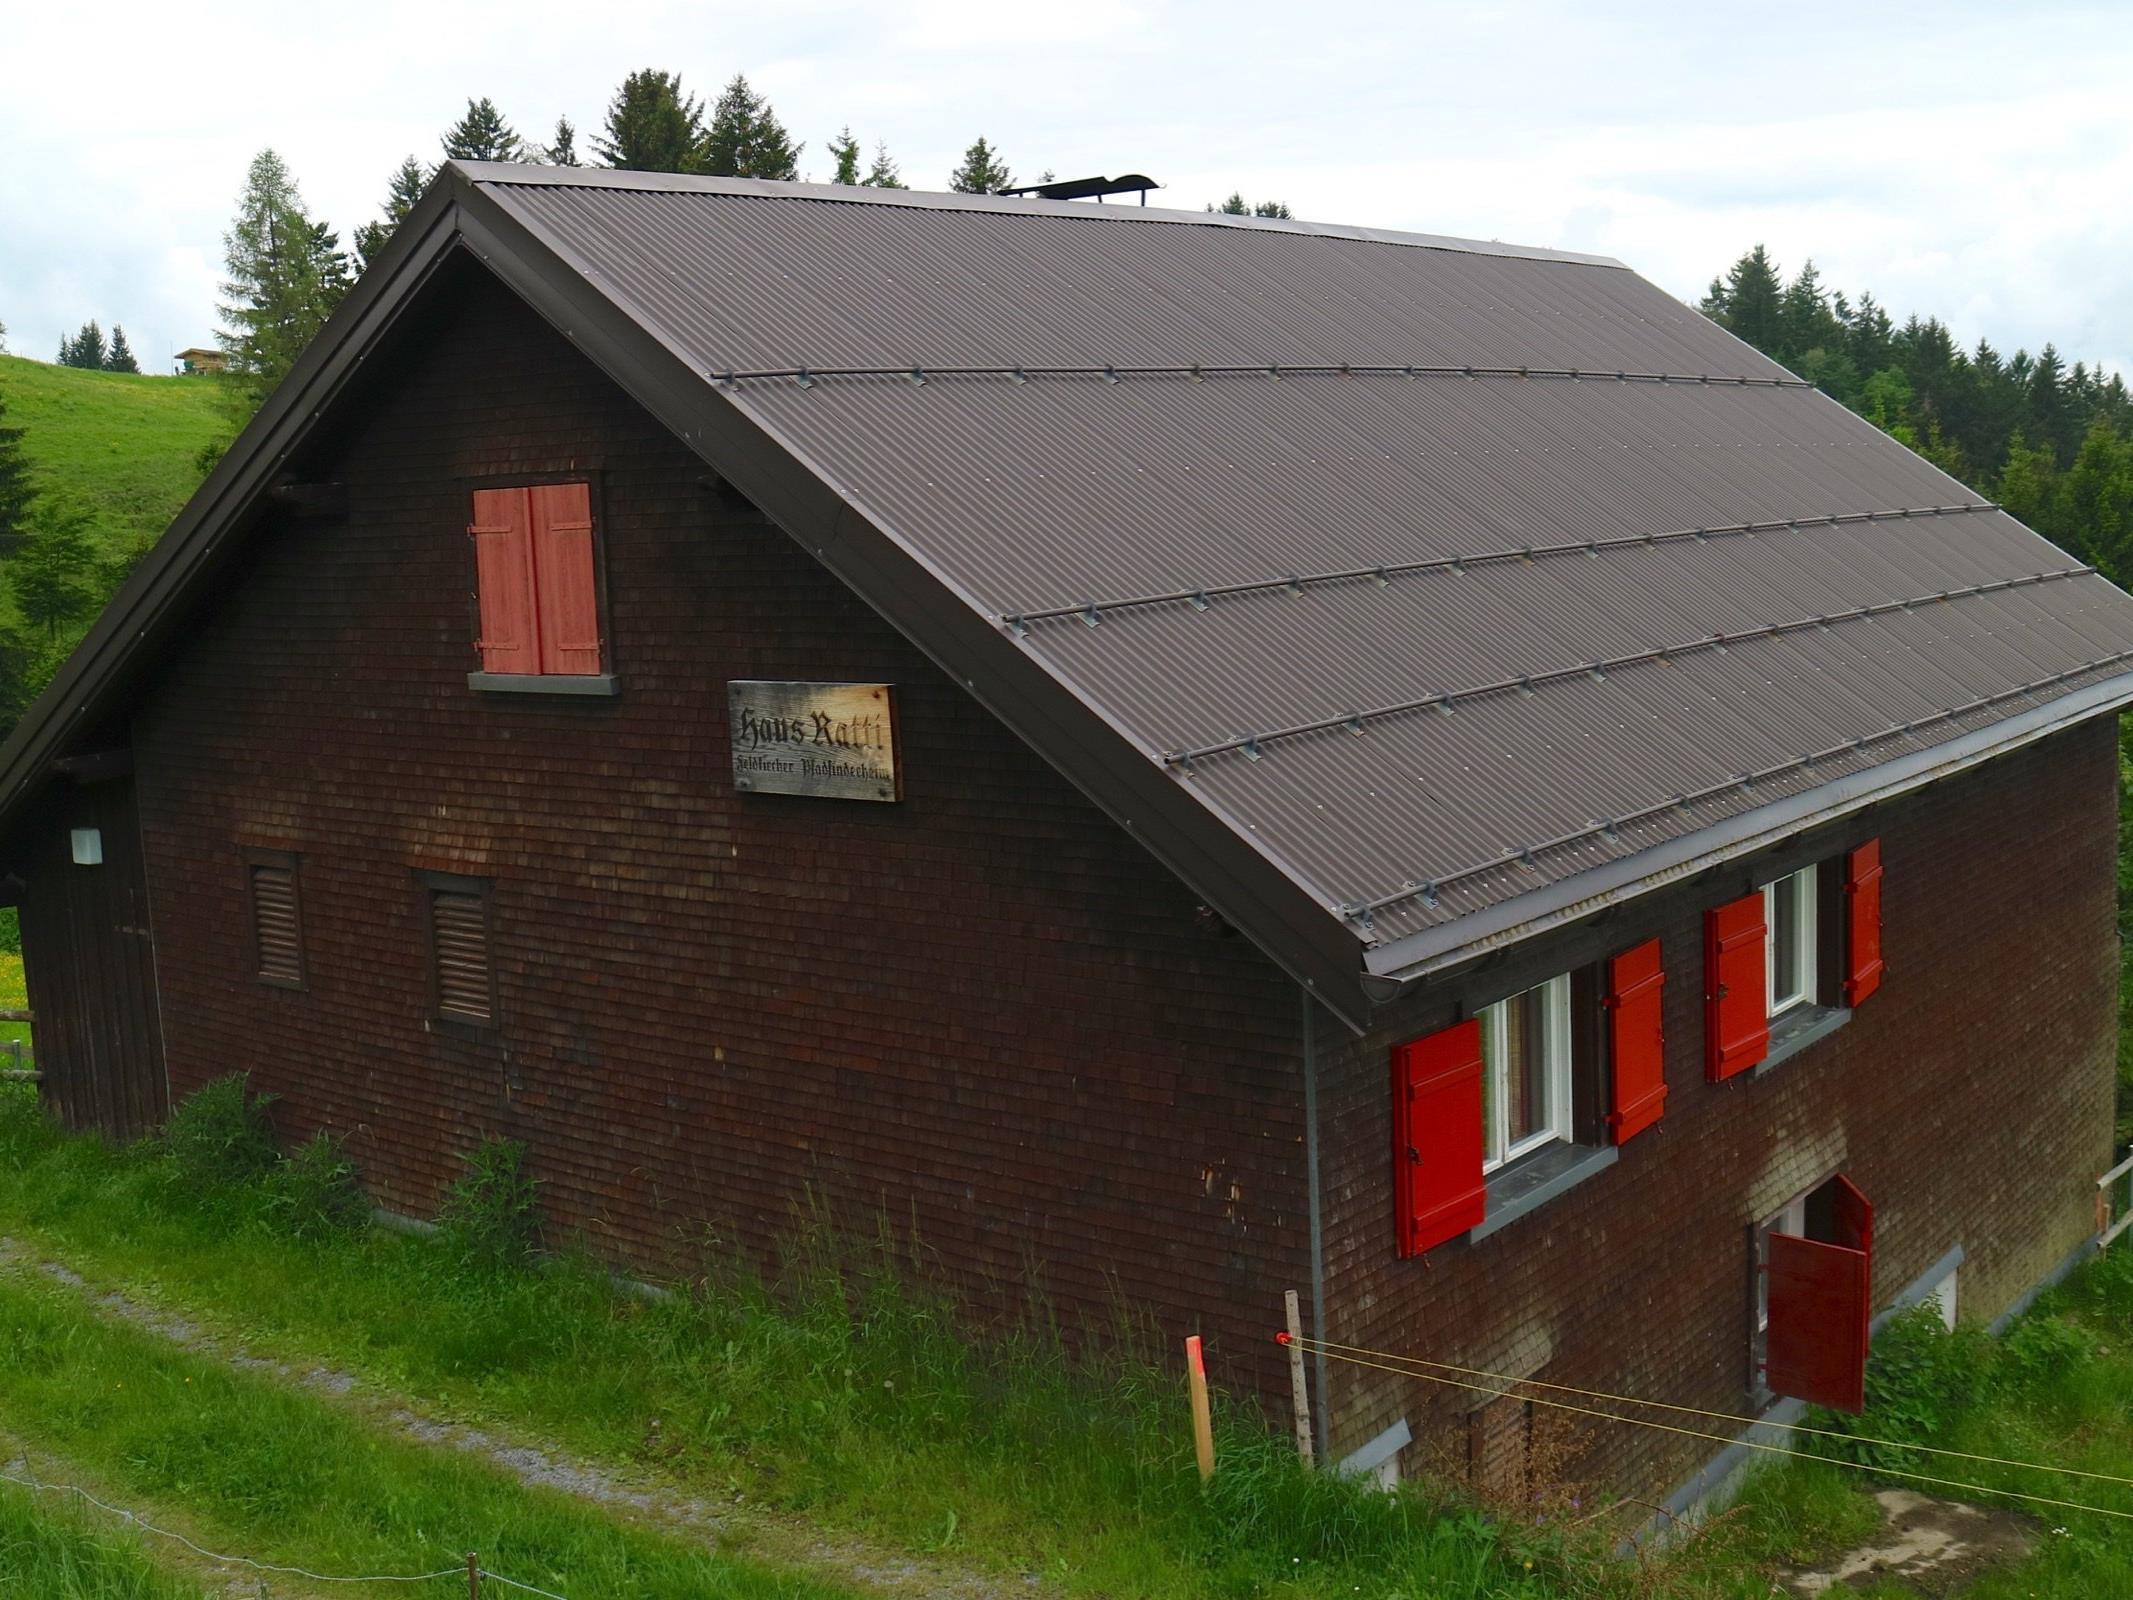 Nachdem in den letzten Tagen die Hütte bereits ausgeräumt wurde, erfolgt Mitte September der Abriss der 150 Jahre alten Bausubstanz.